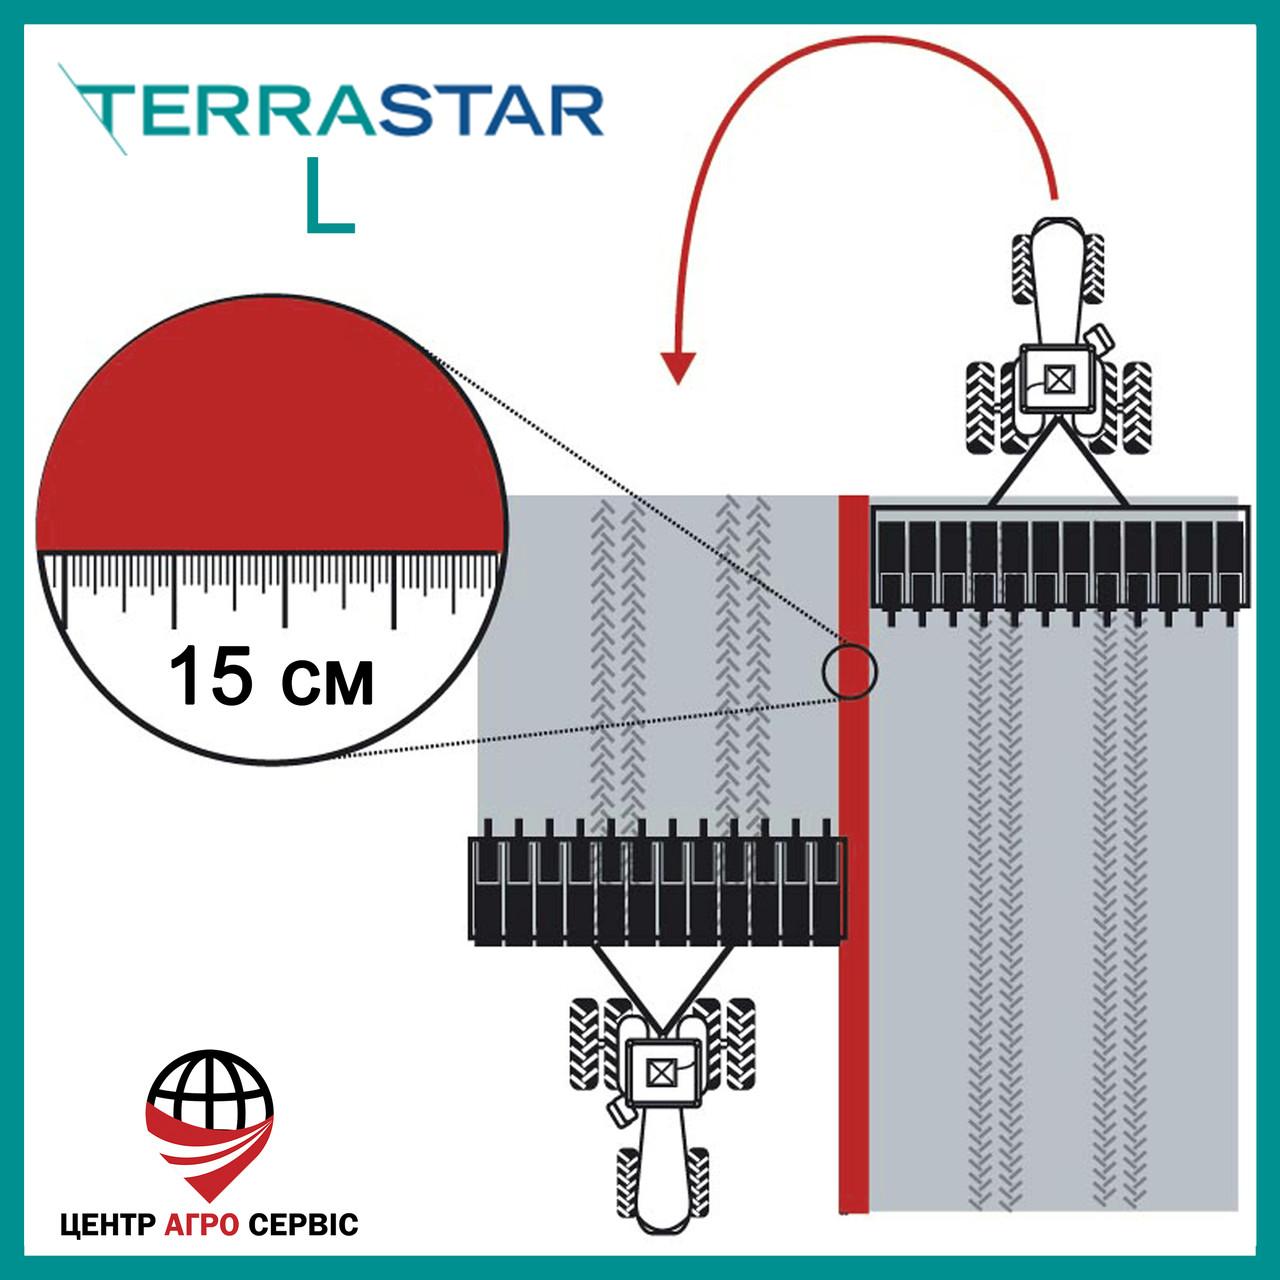 Спутниковая коррекция TerraStar-L NovAtel (15 см) на 1 год